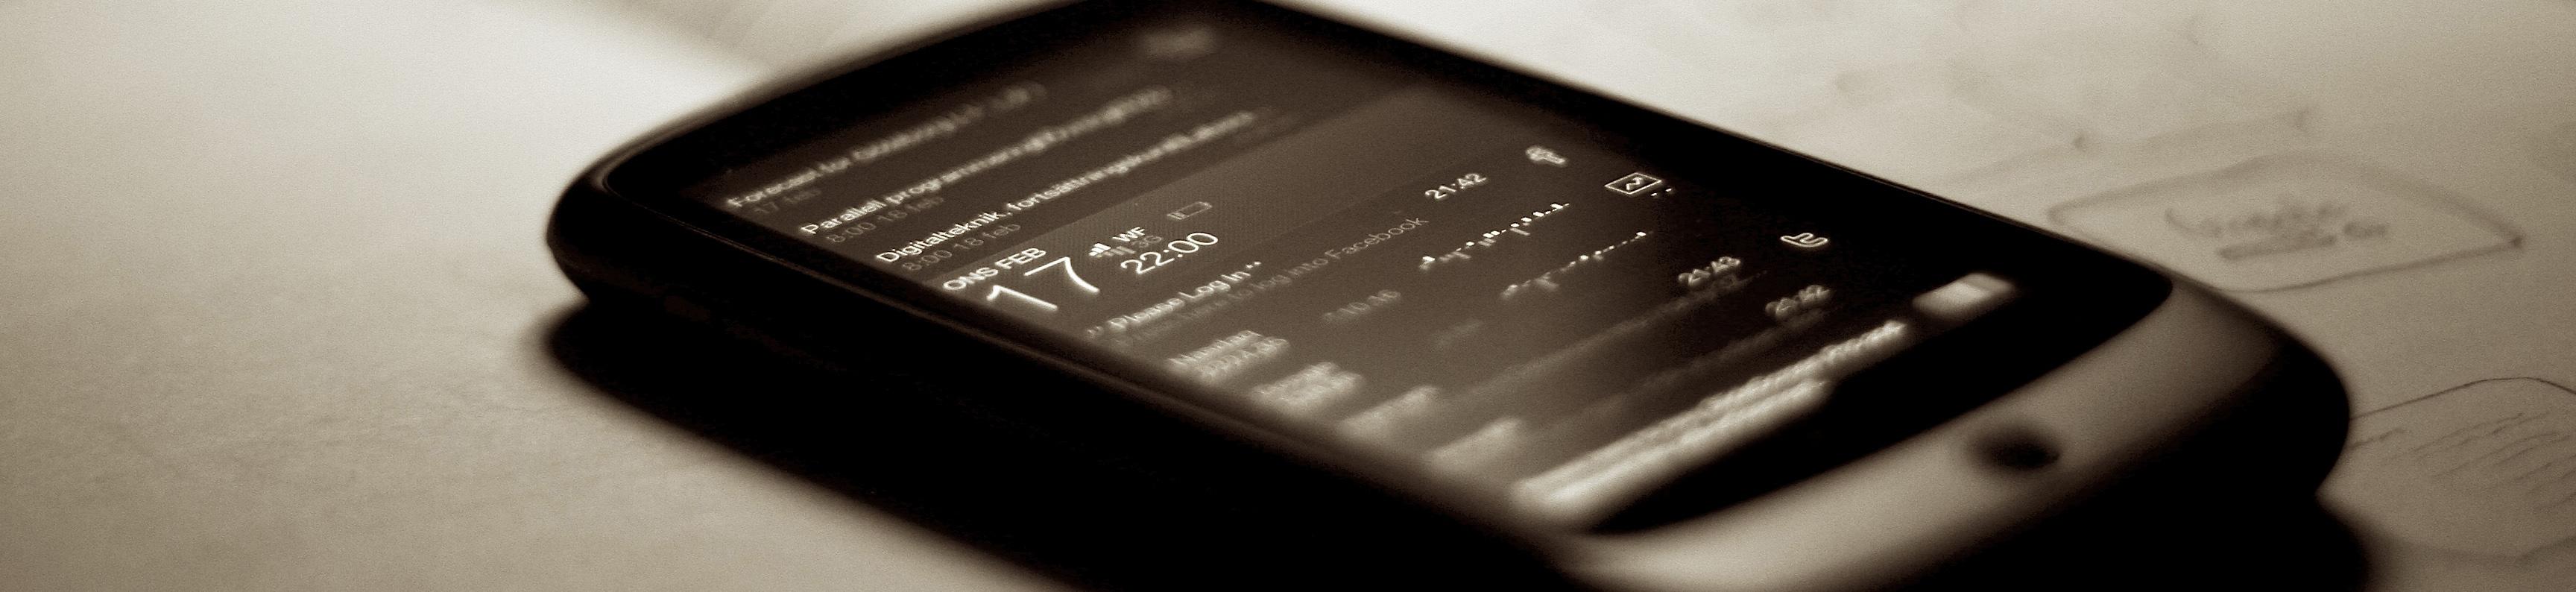 gesprodat_smartphone